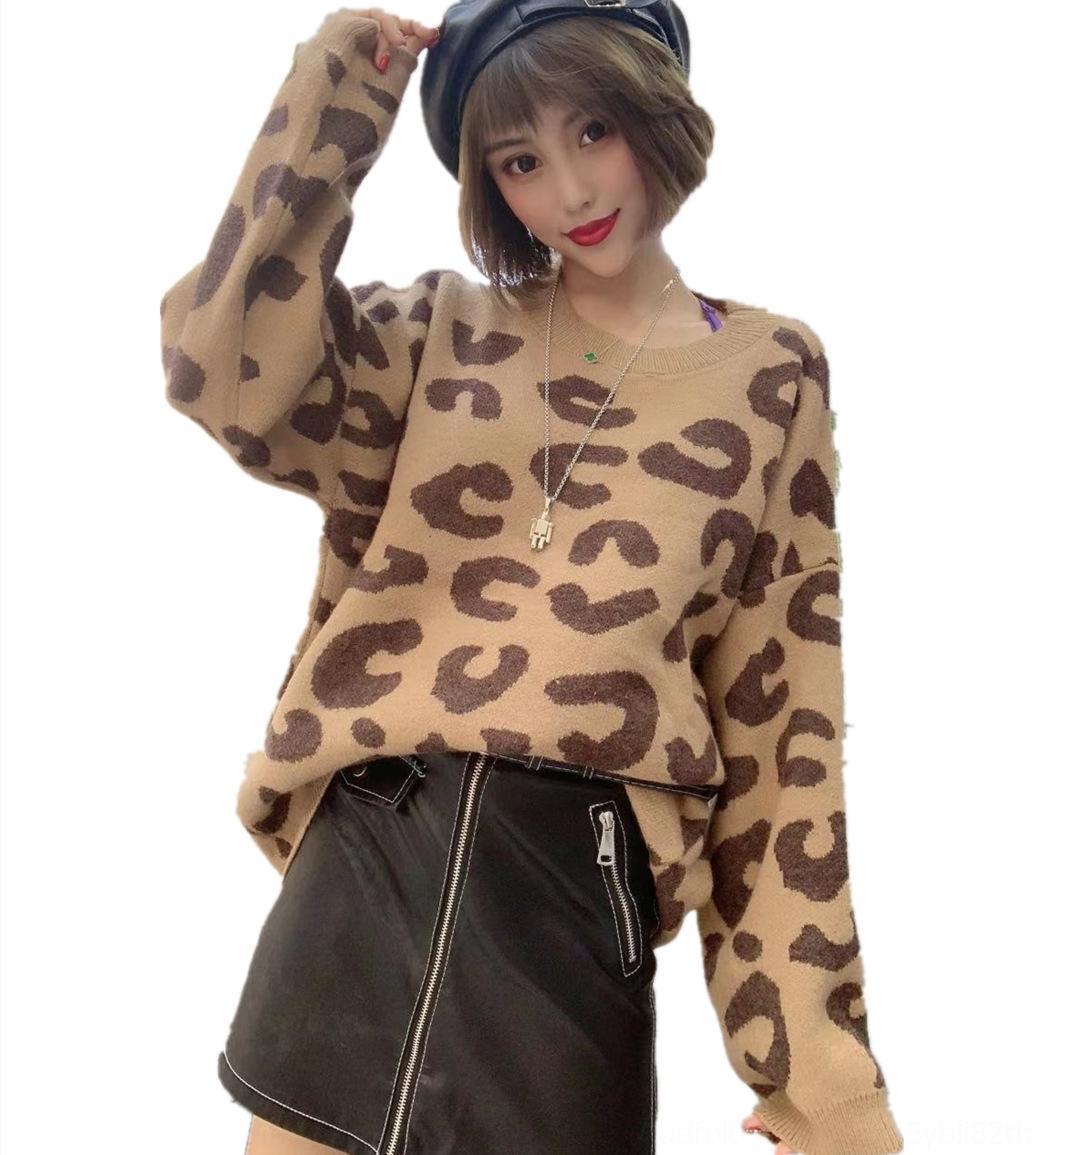 xLJCl hJCop 2020 Herbst und der Hülse koreanischen Stil neue Wintermode Leopardendruck faul für Mantel lange lose Mantel-Stil Frauen Pullover Pullover sw